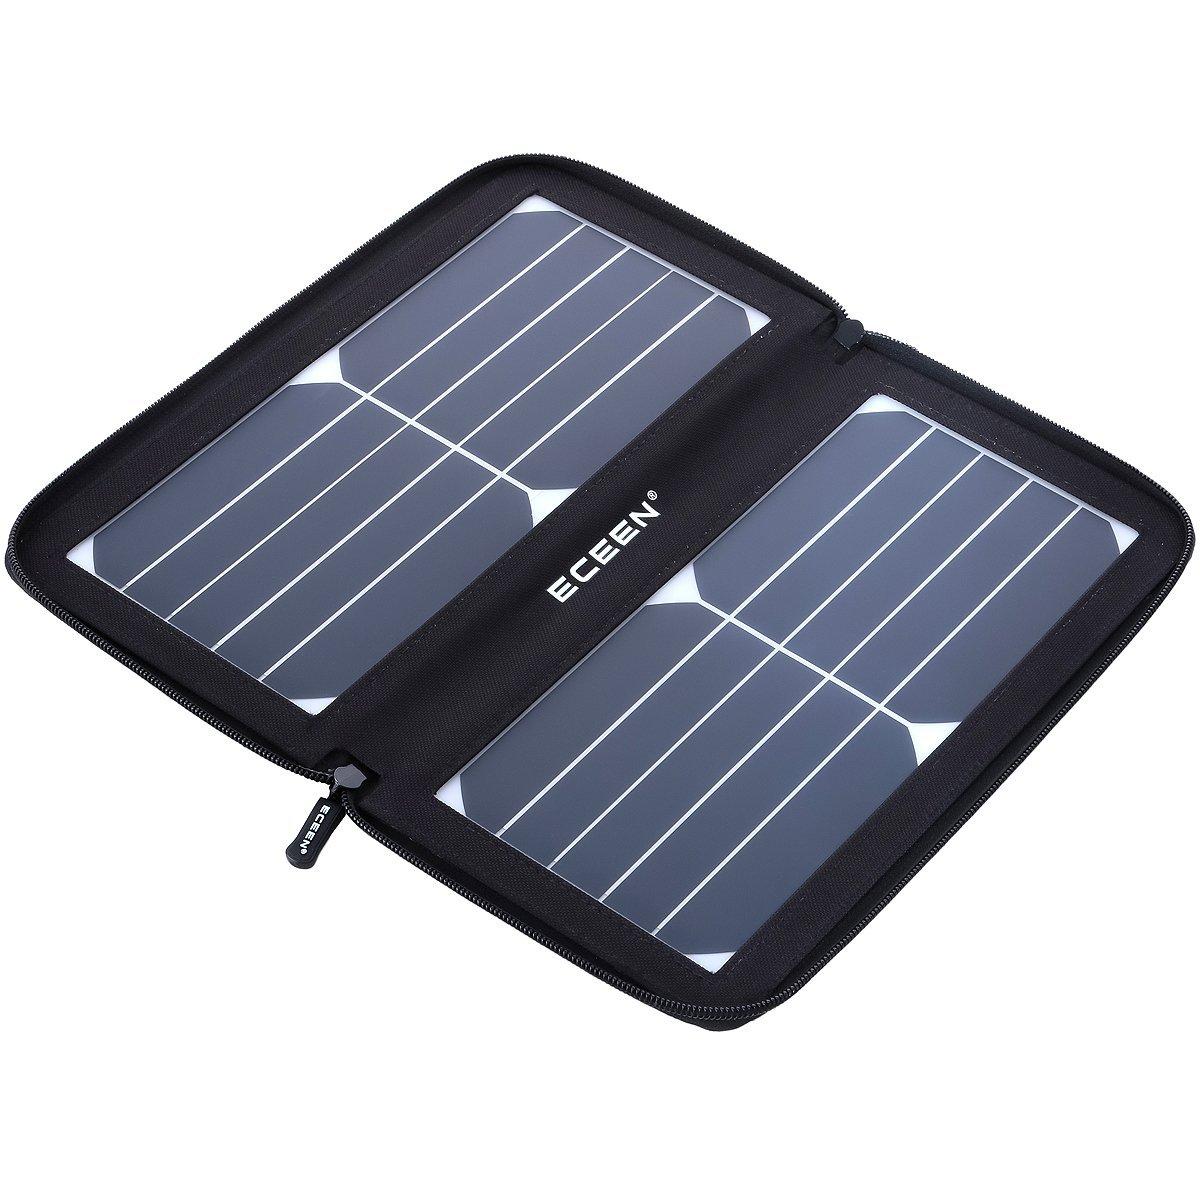 Cargador Solar Portatil de 10 Watts de Salida ECEEN